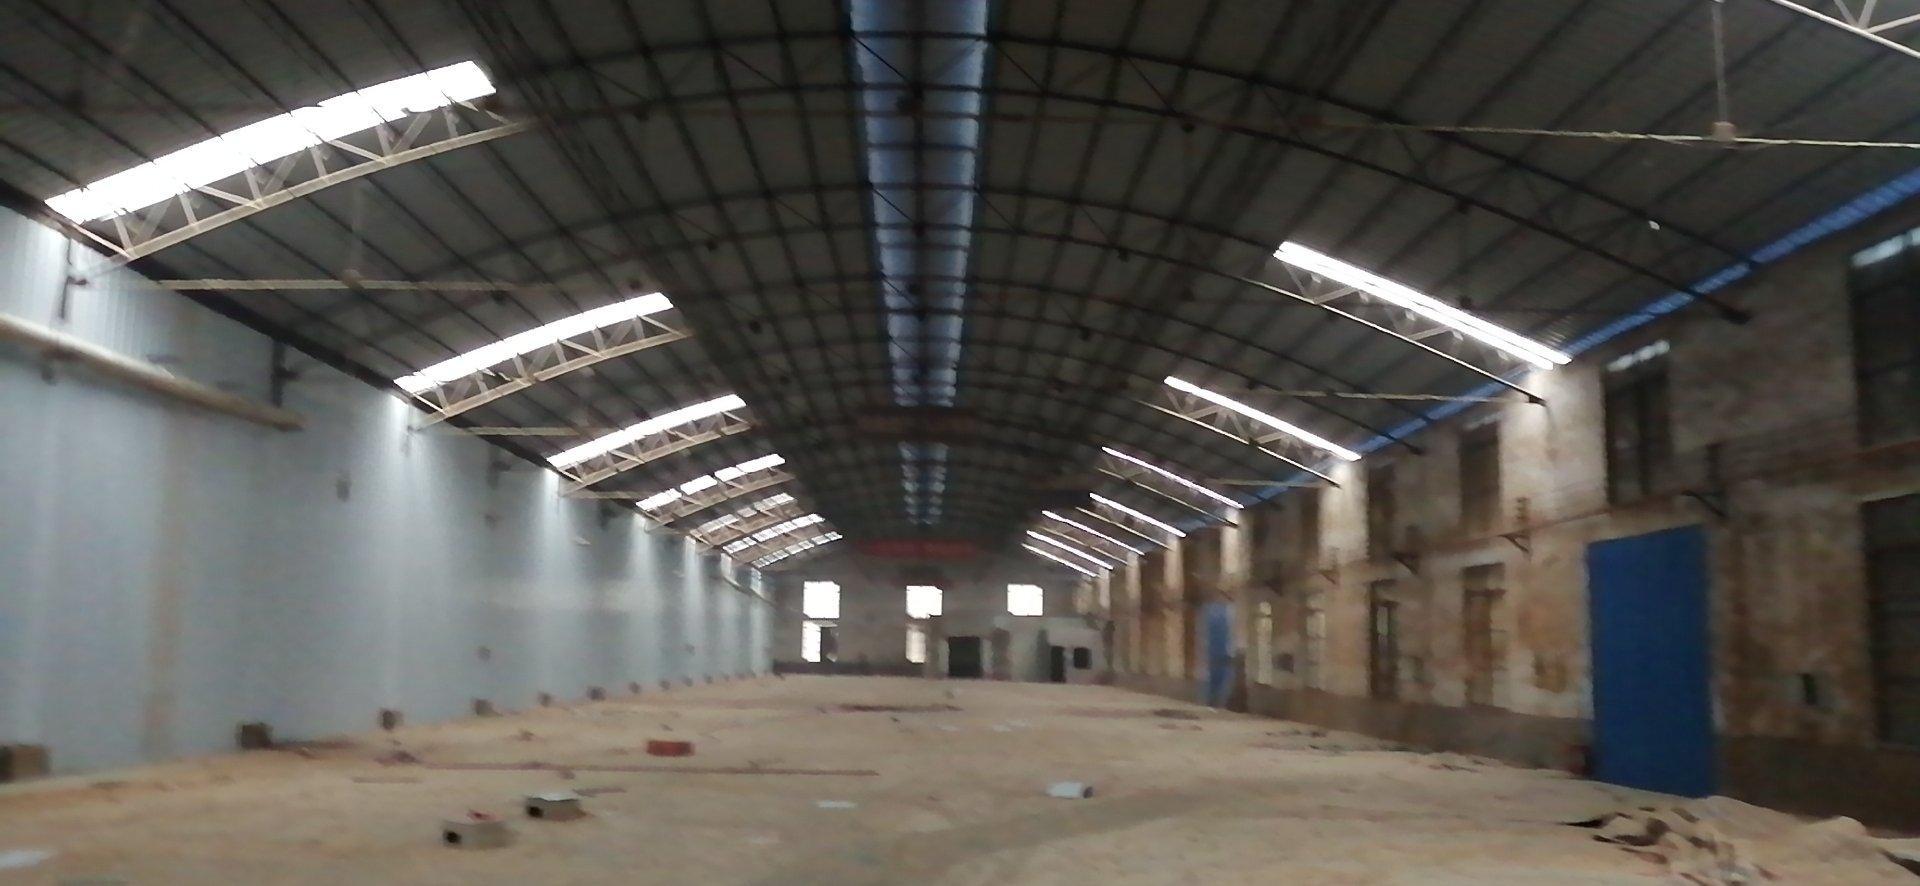 茶亭镇和湘阴交界处,2600平米钢结构厂房